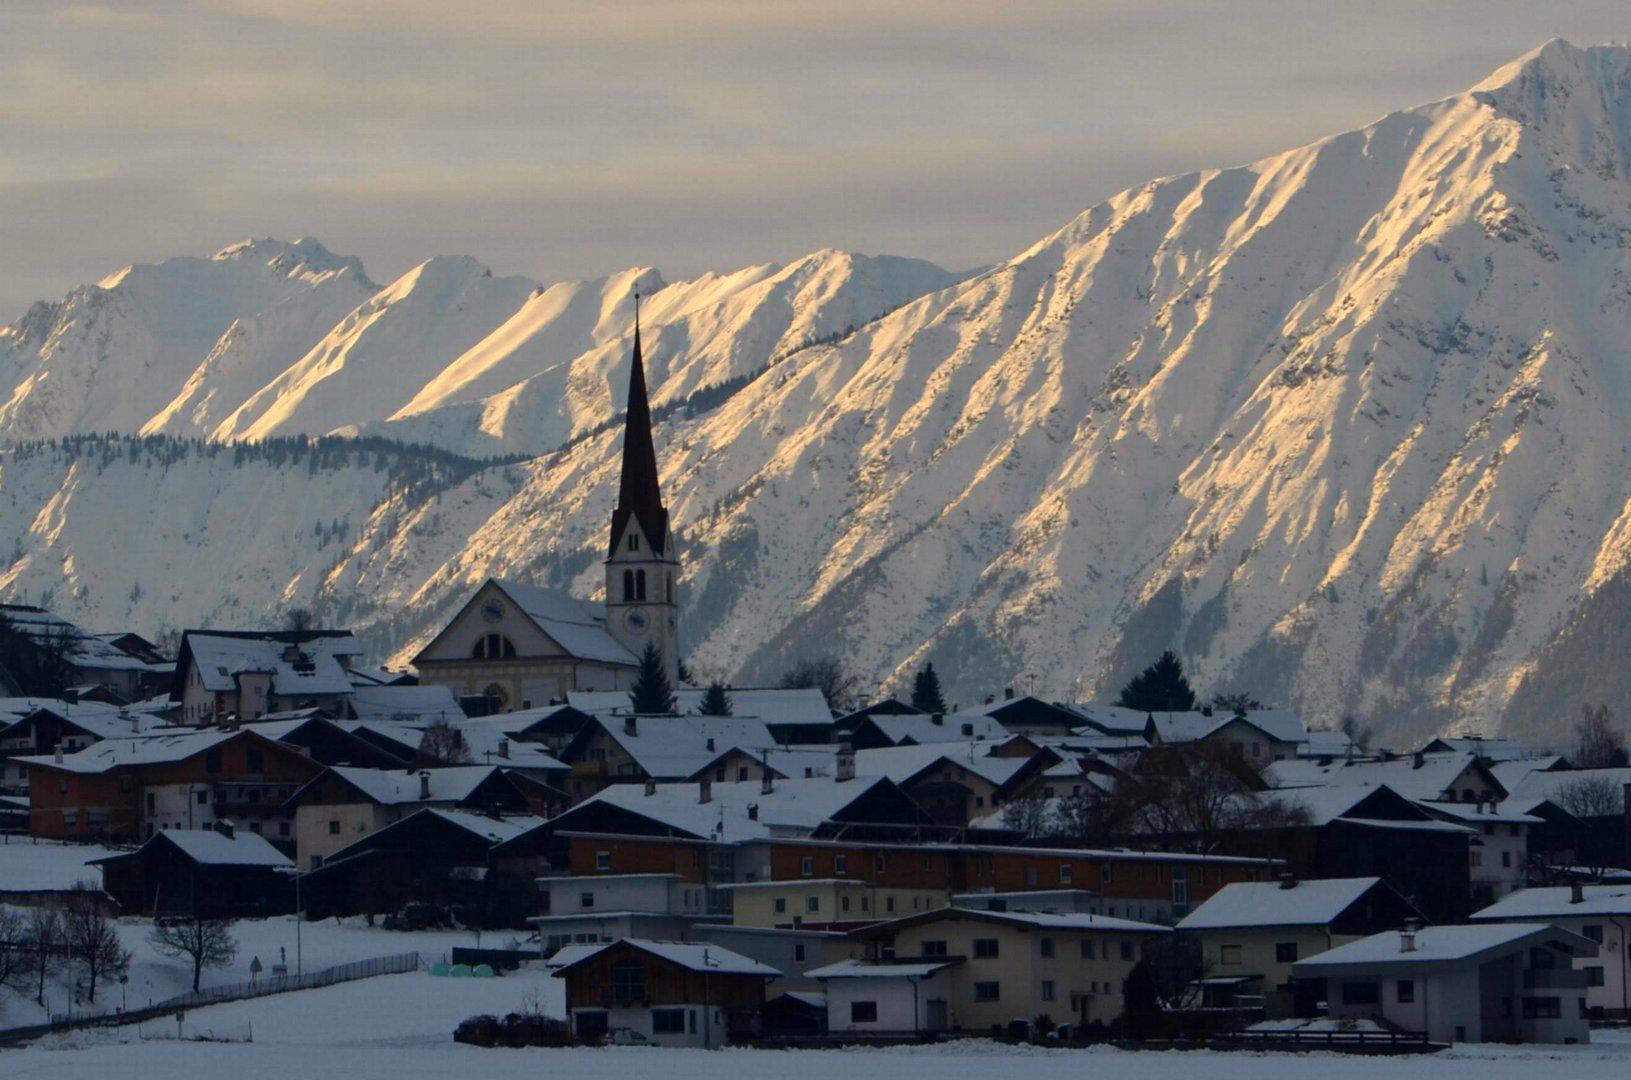 Flaurling/Tirol